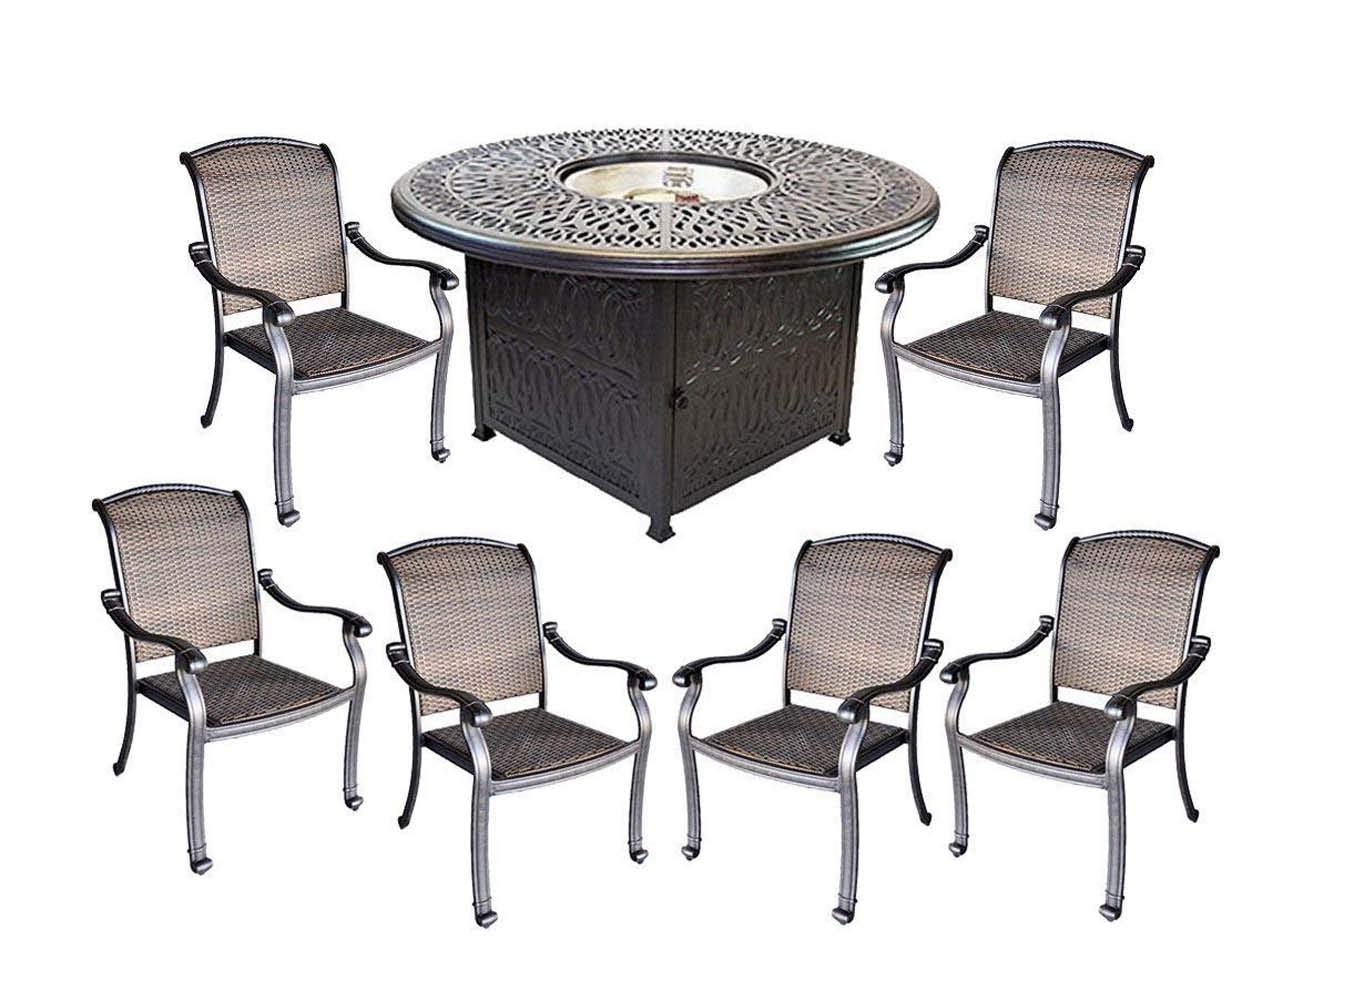 Santa Clara wicker furniture cast aluminum fire pit propane 7 piece patio dining set. by Sunvuepatio